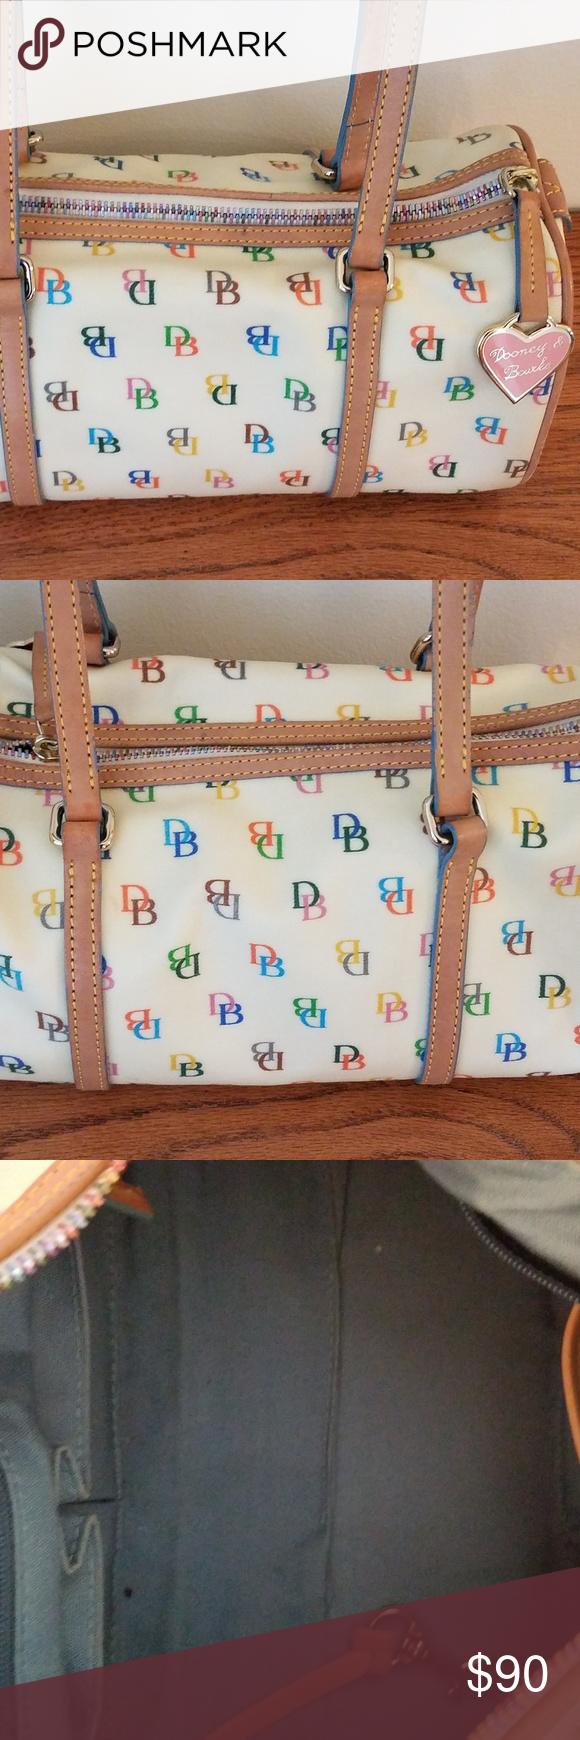 Dooney u bourke signature multicolor handbag in my posh